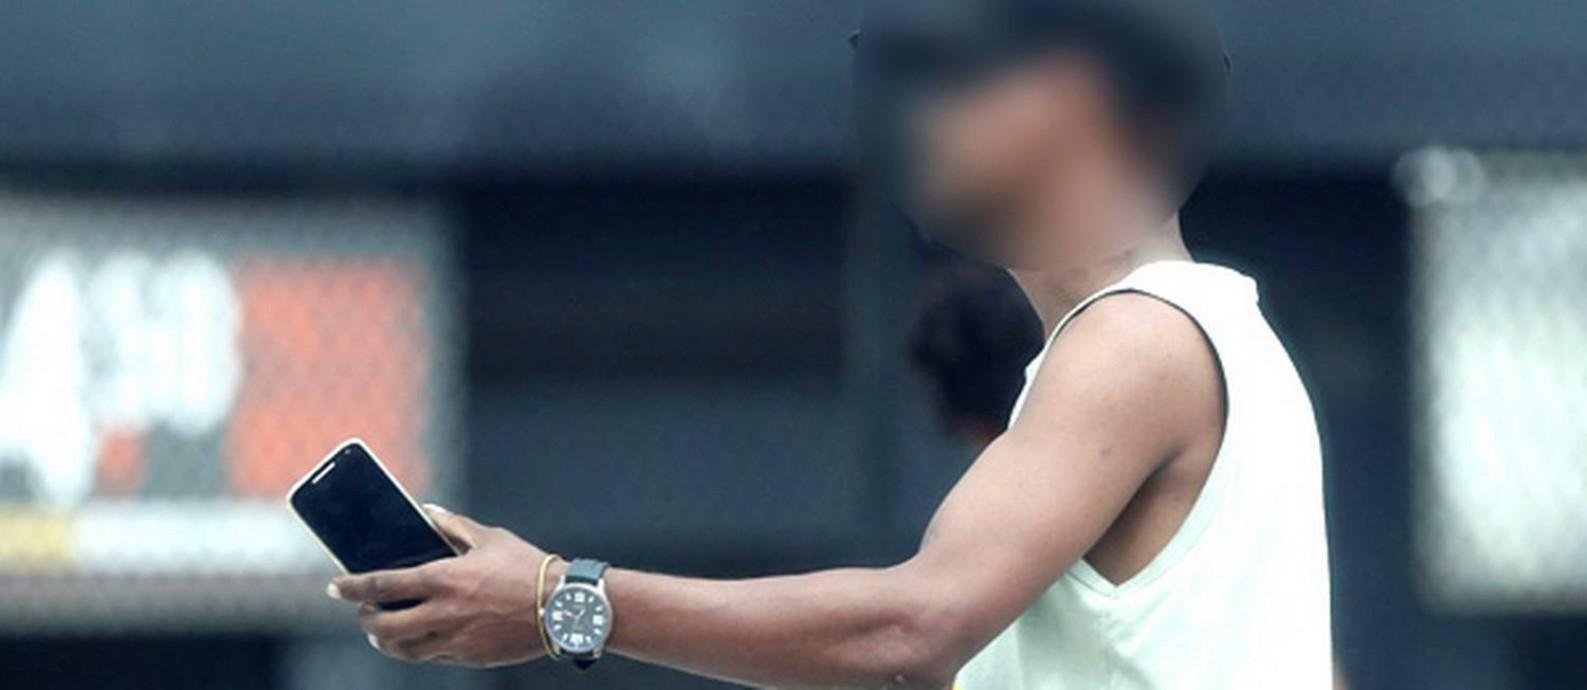 Homem chama outro para entregar o celular roubado Foto: Domingos Peixoto / Agência O Globo